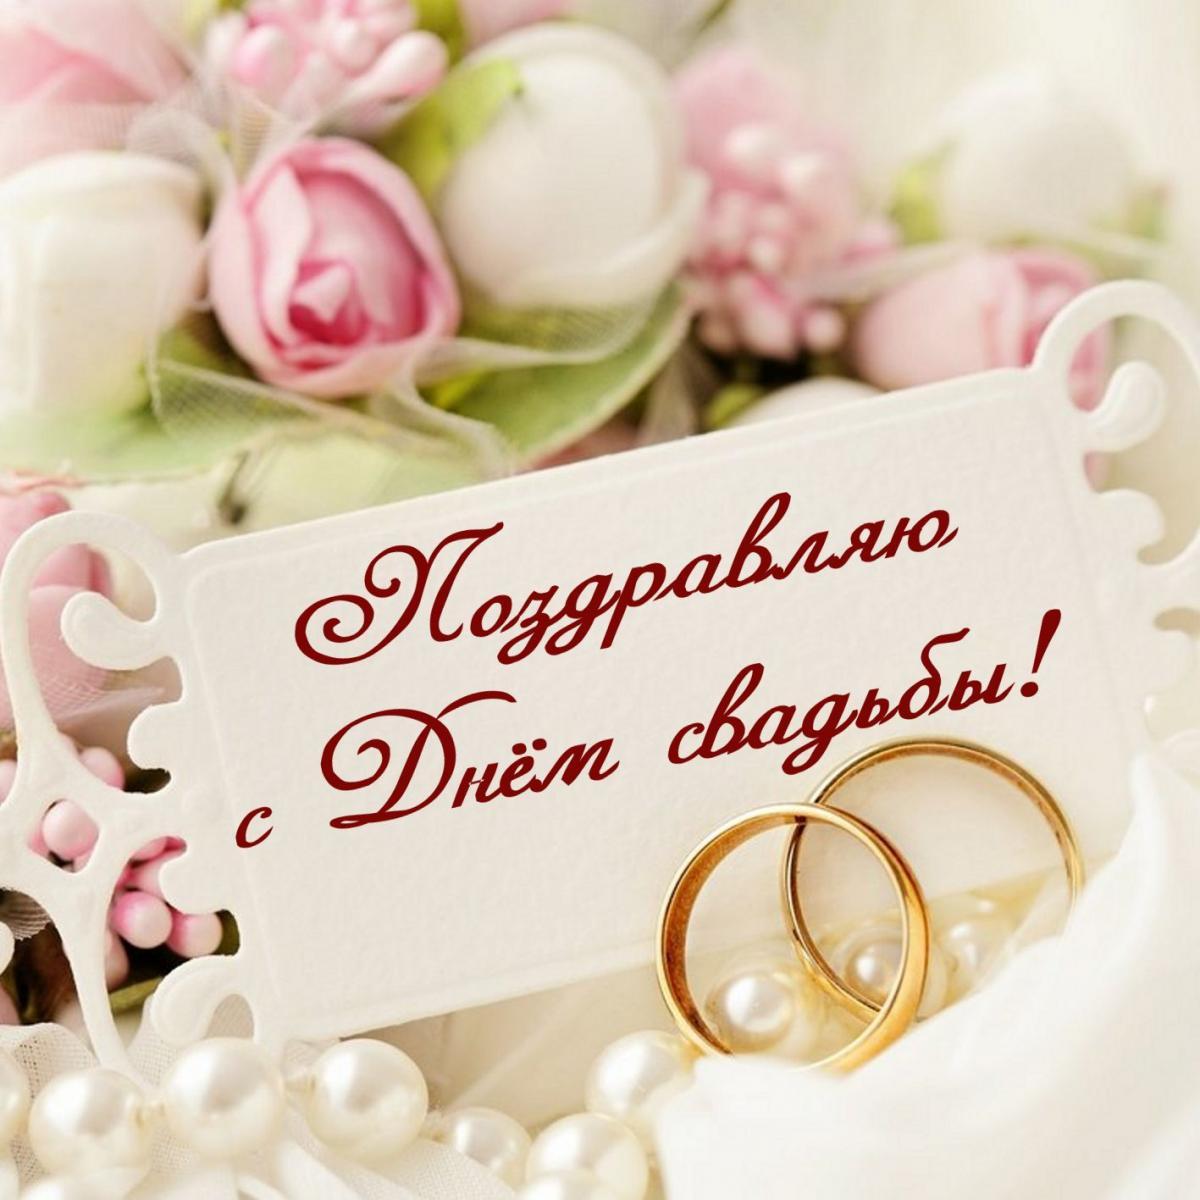 Яйца, поздравления со свадьбой текст на открытке